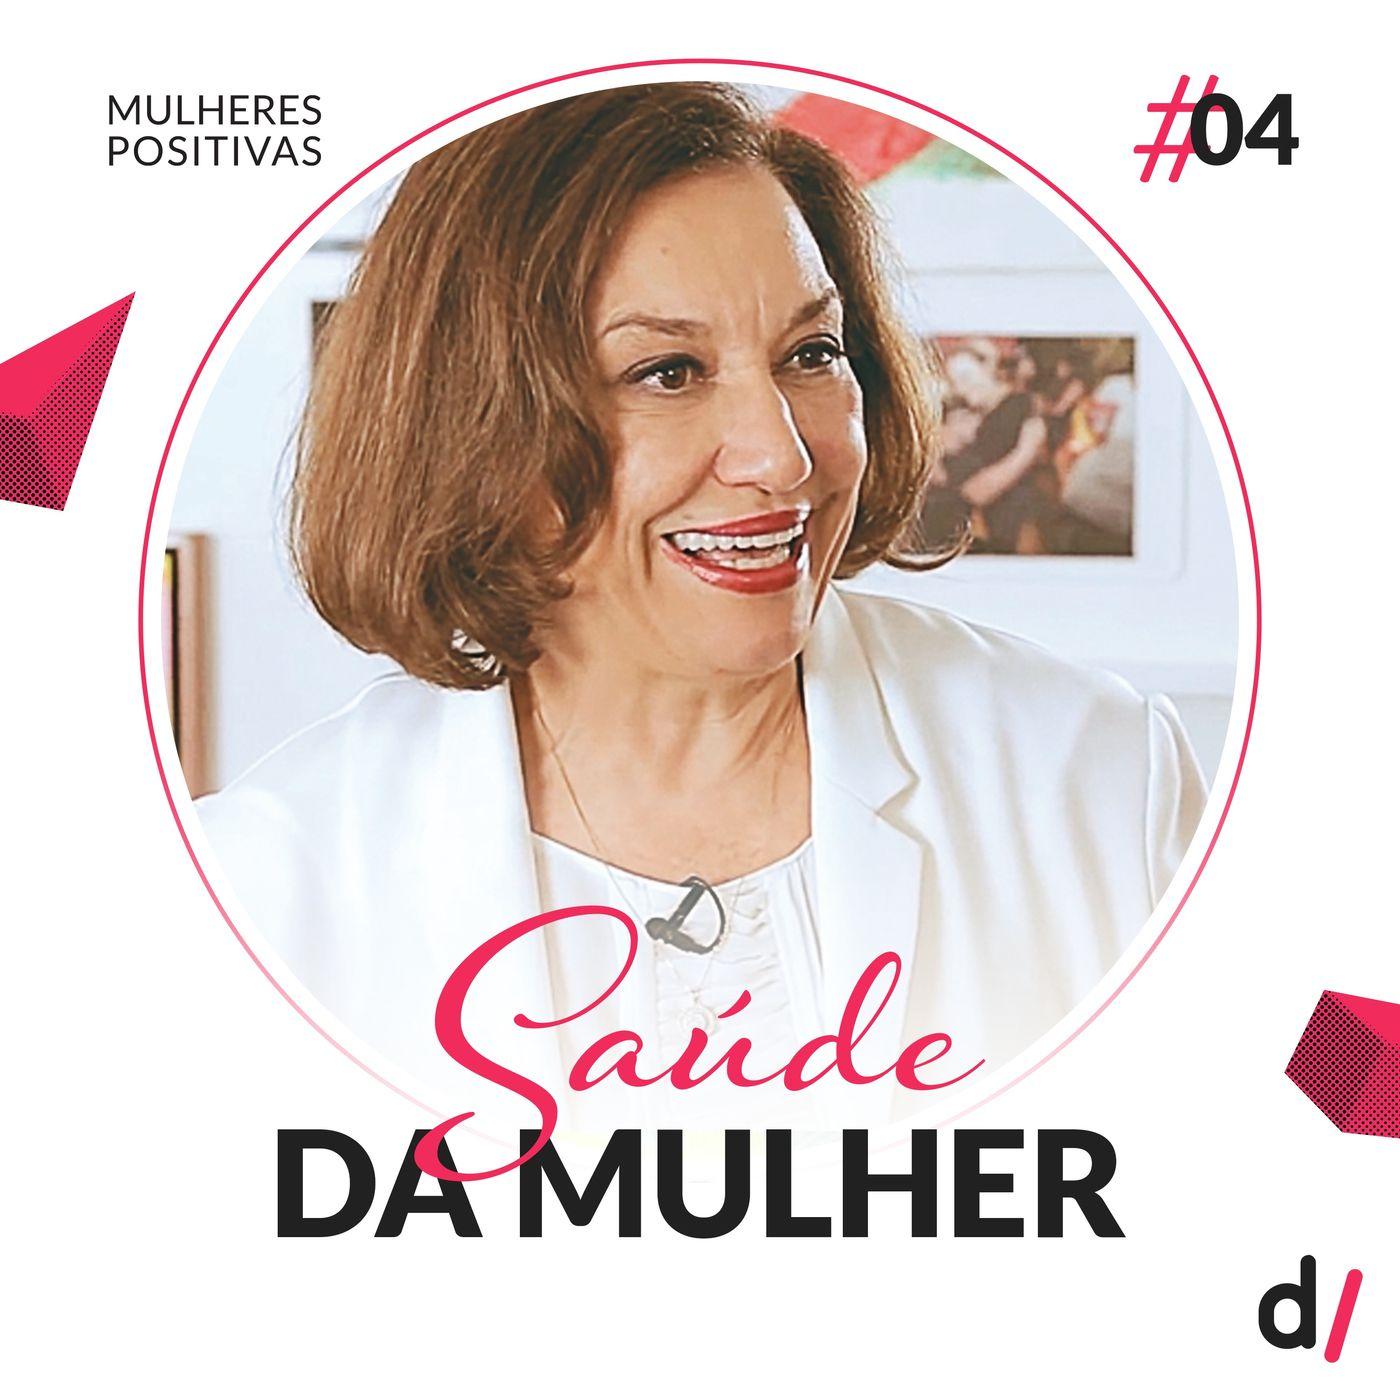 Mulheres Positivas #04 - Saúde da mulher | com Dra. Albertina Duarte Takiuti